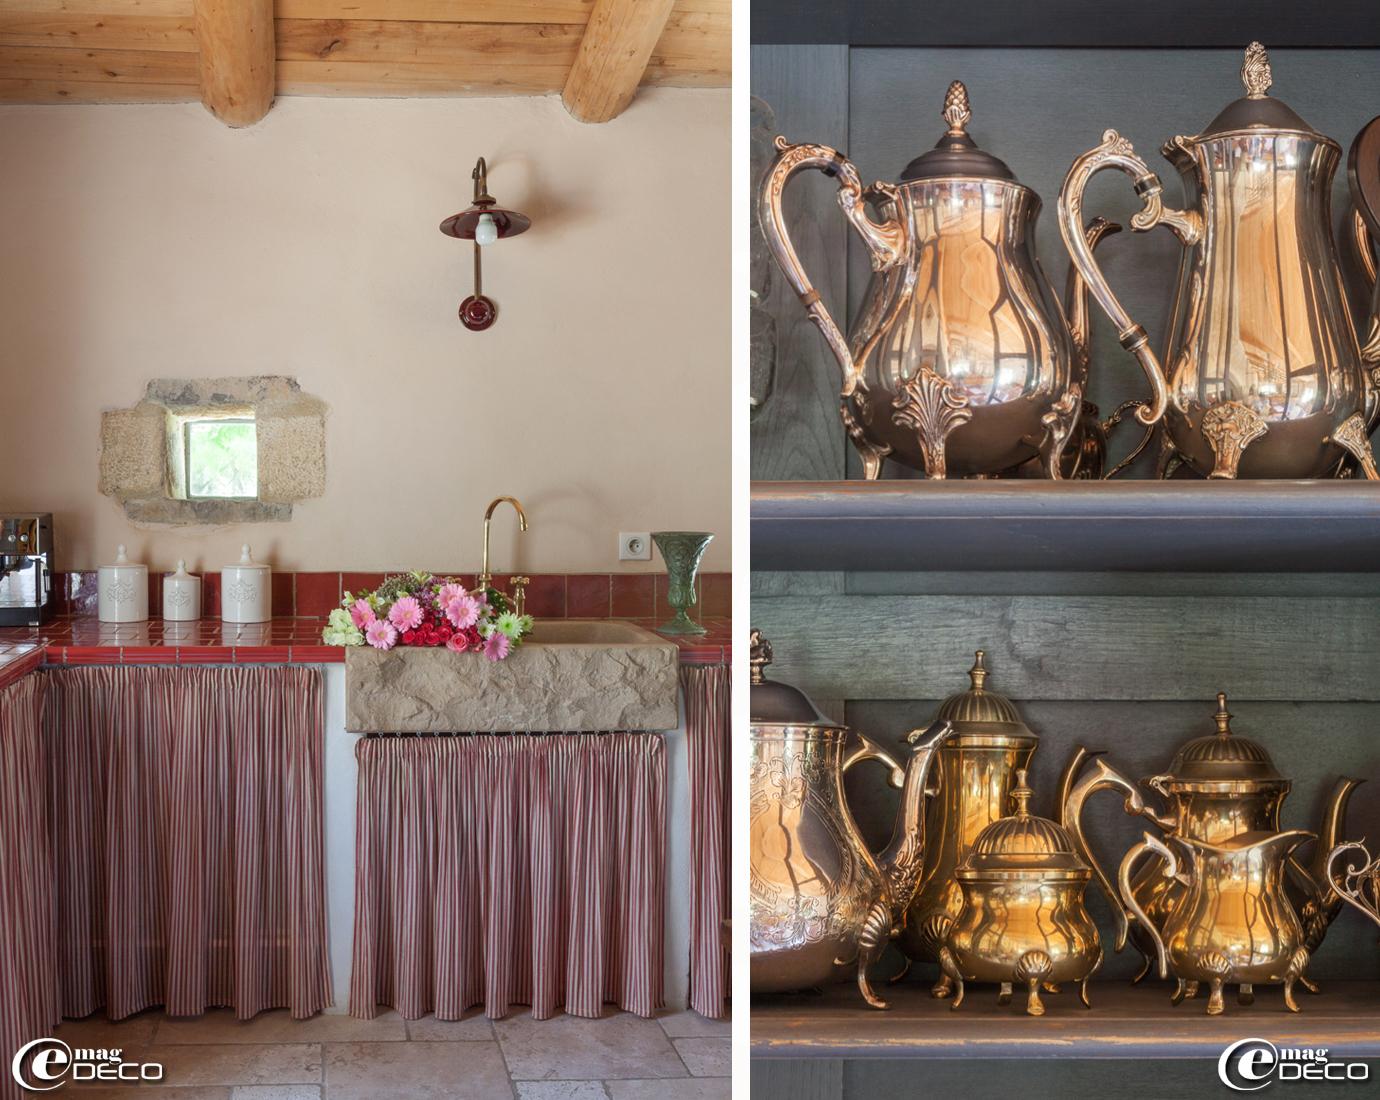 Plan de travail de cuisine maçonné avec un évier en pierre de taille dans un style provençale